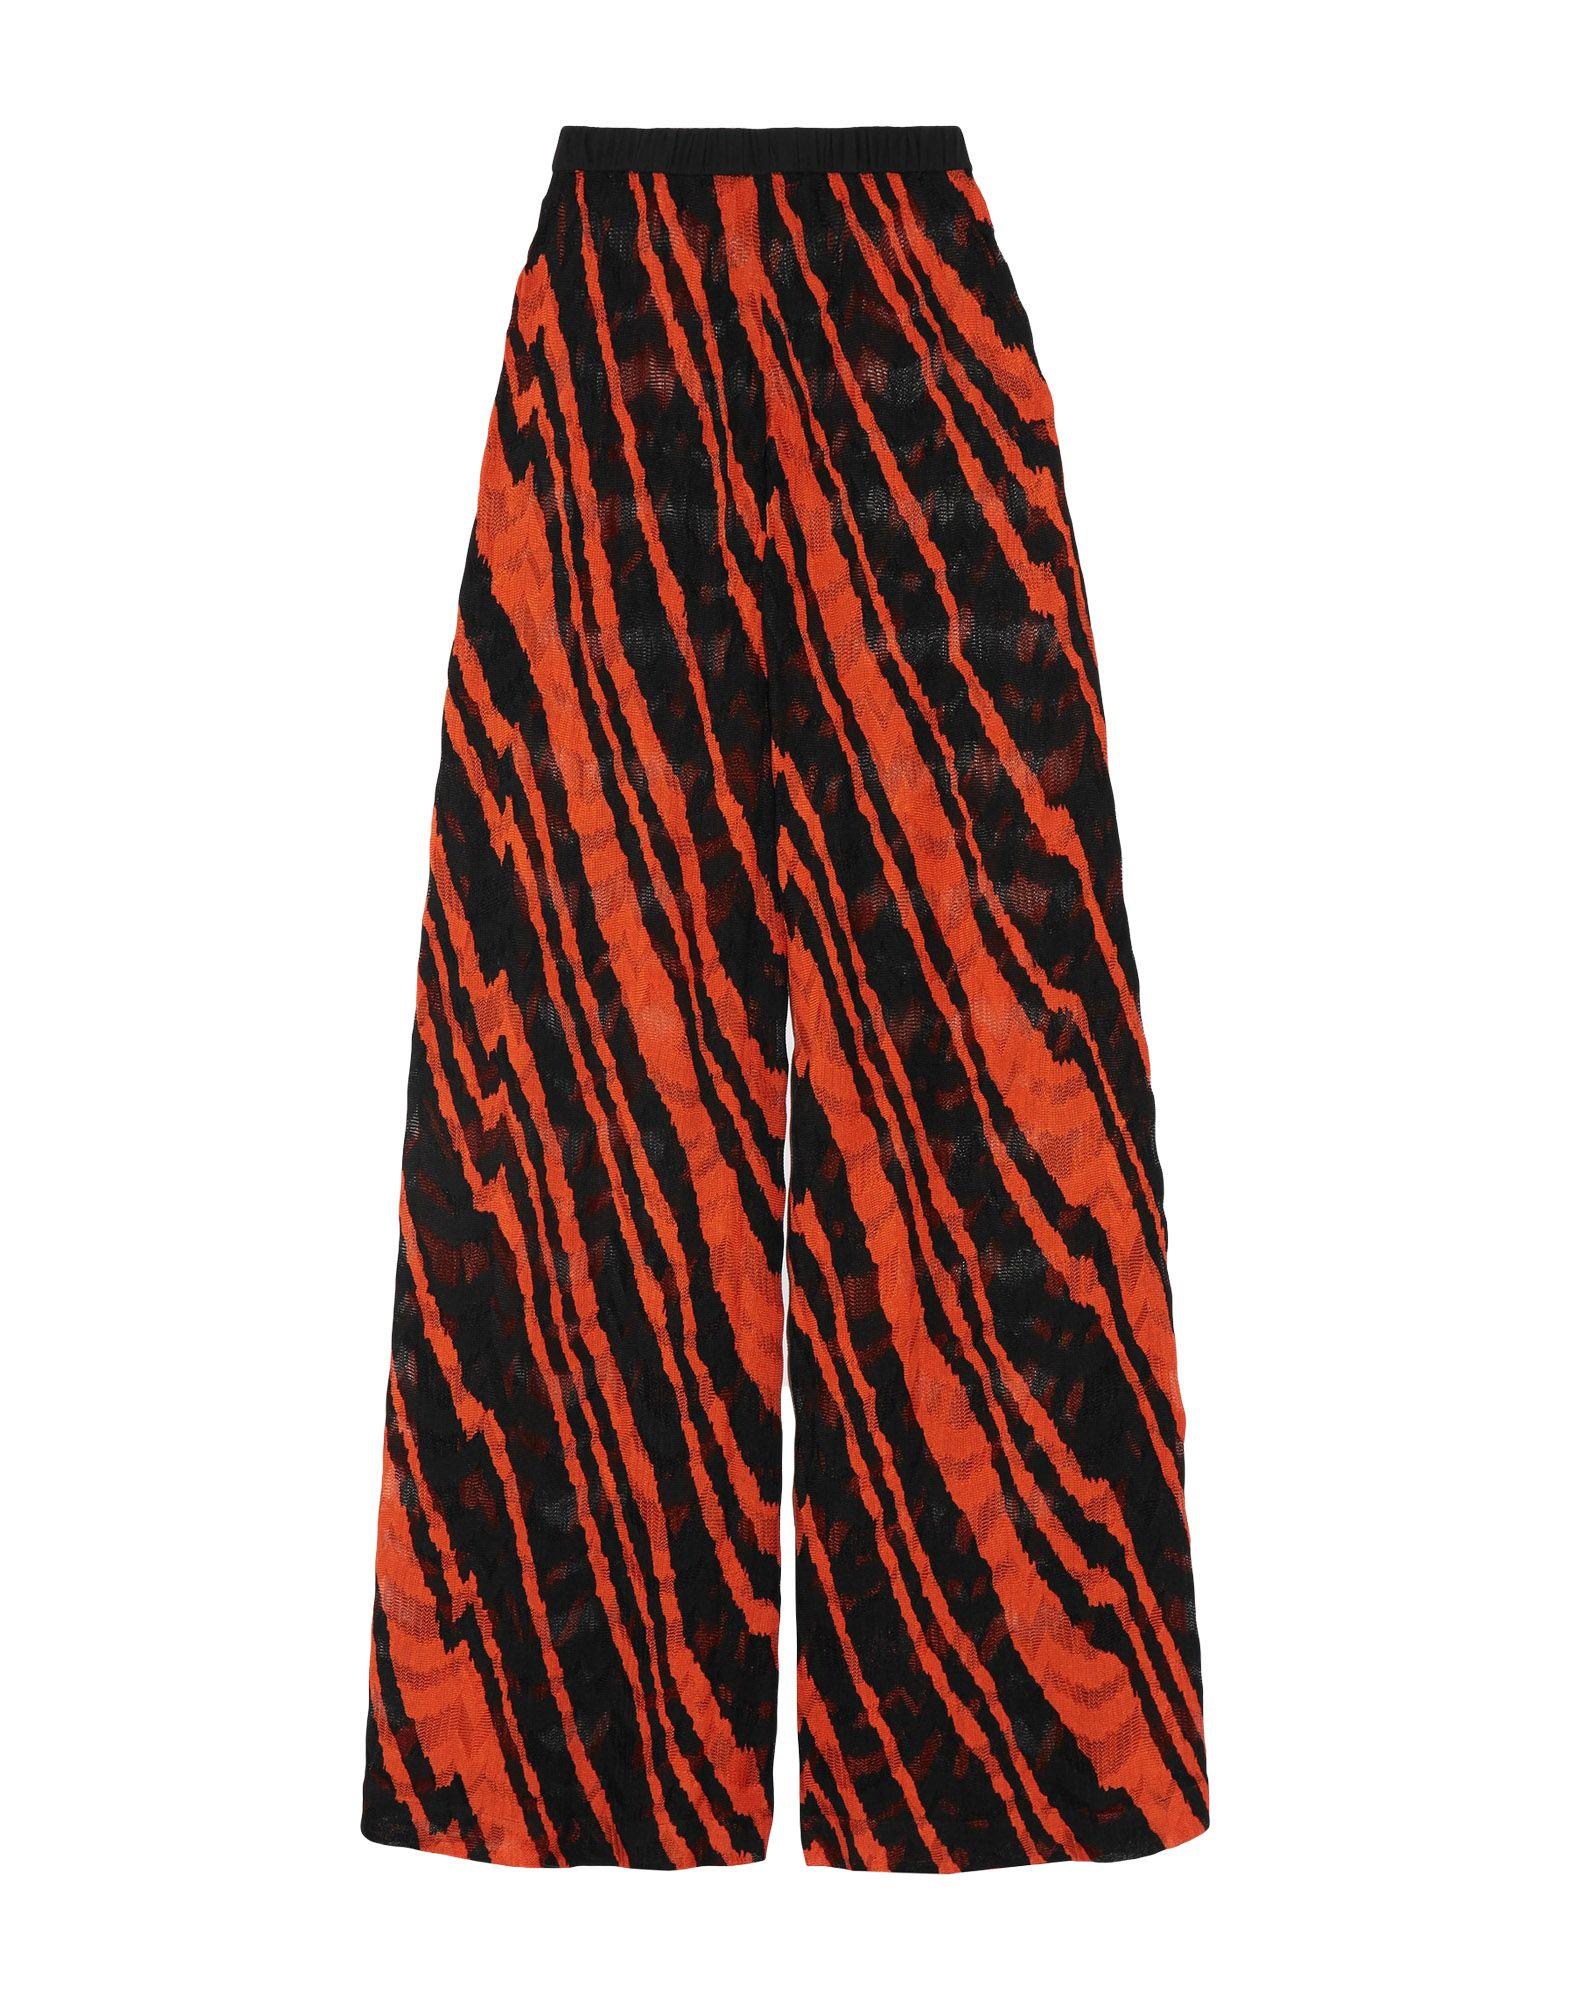 MISSONI MARE Пляжные брюки и шорты m 3xl мужская мода повседневная брюки летние спортивные шорты пляжные брюки фитнес шорты мужские купальные костюмы page 4